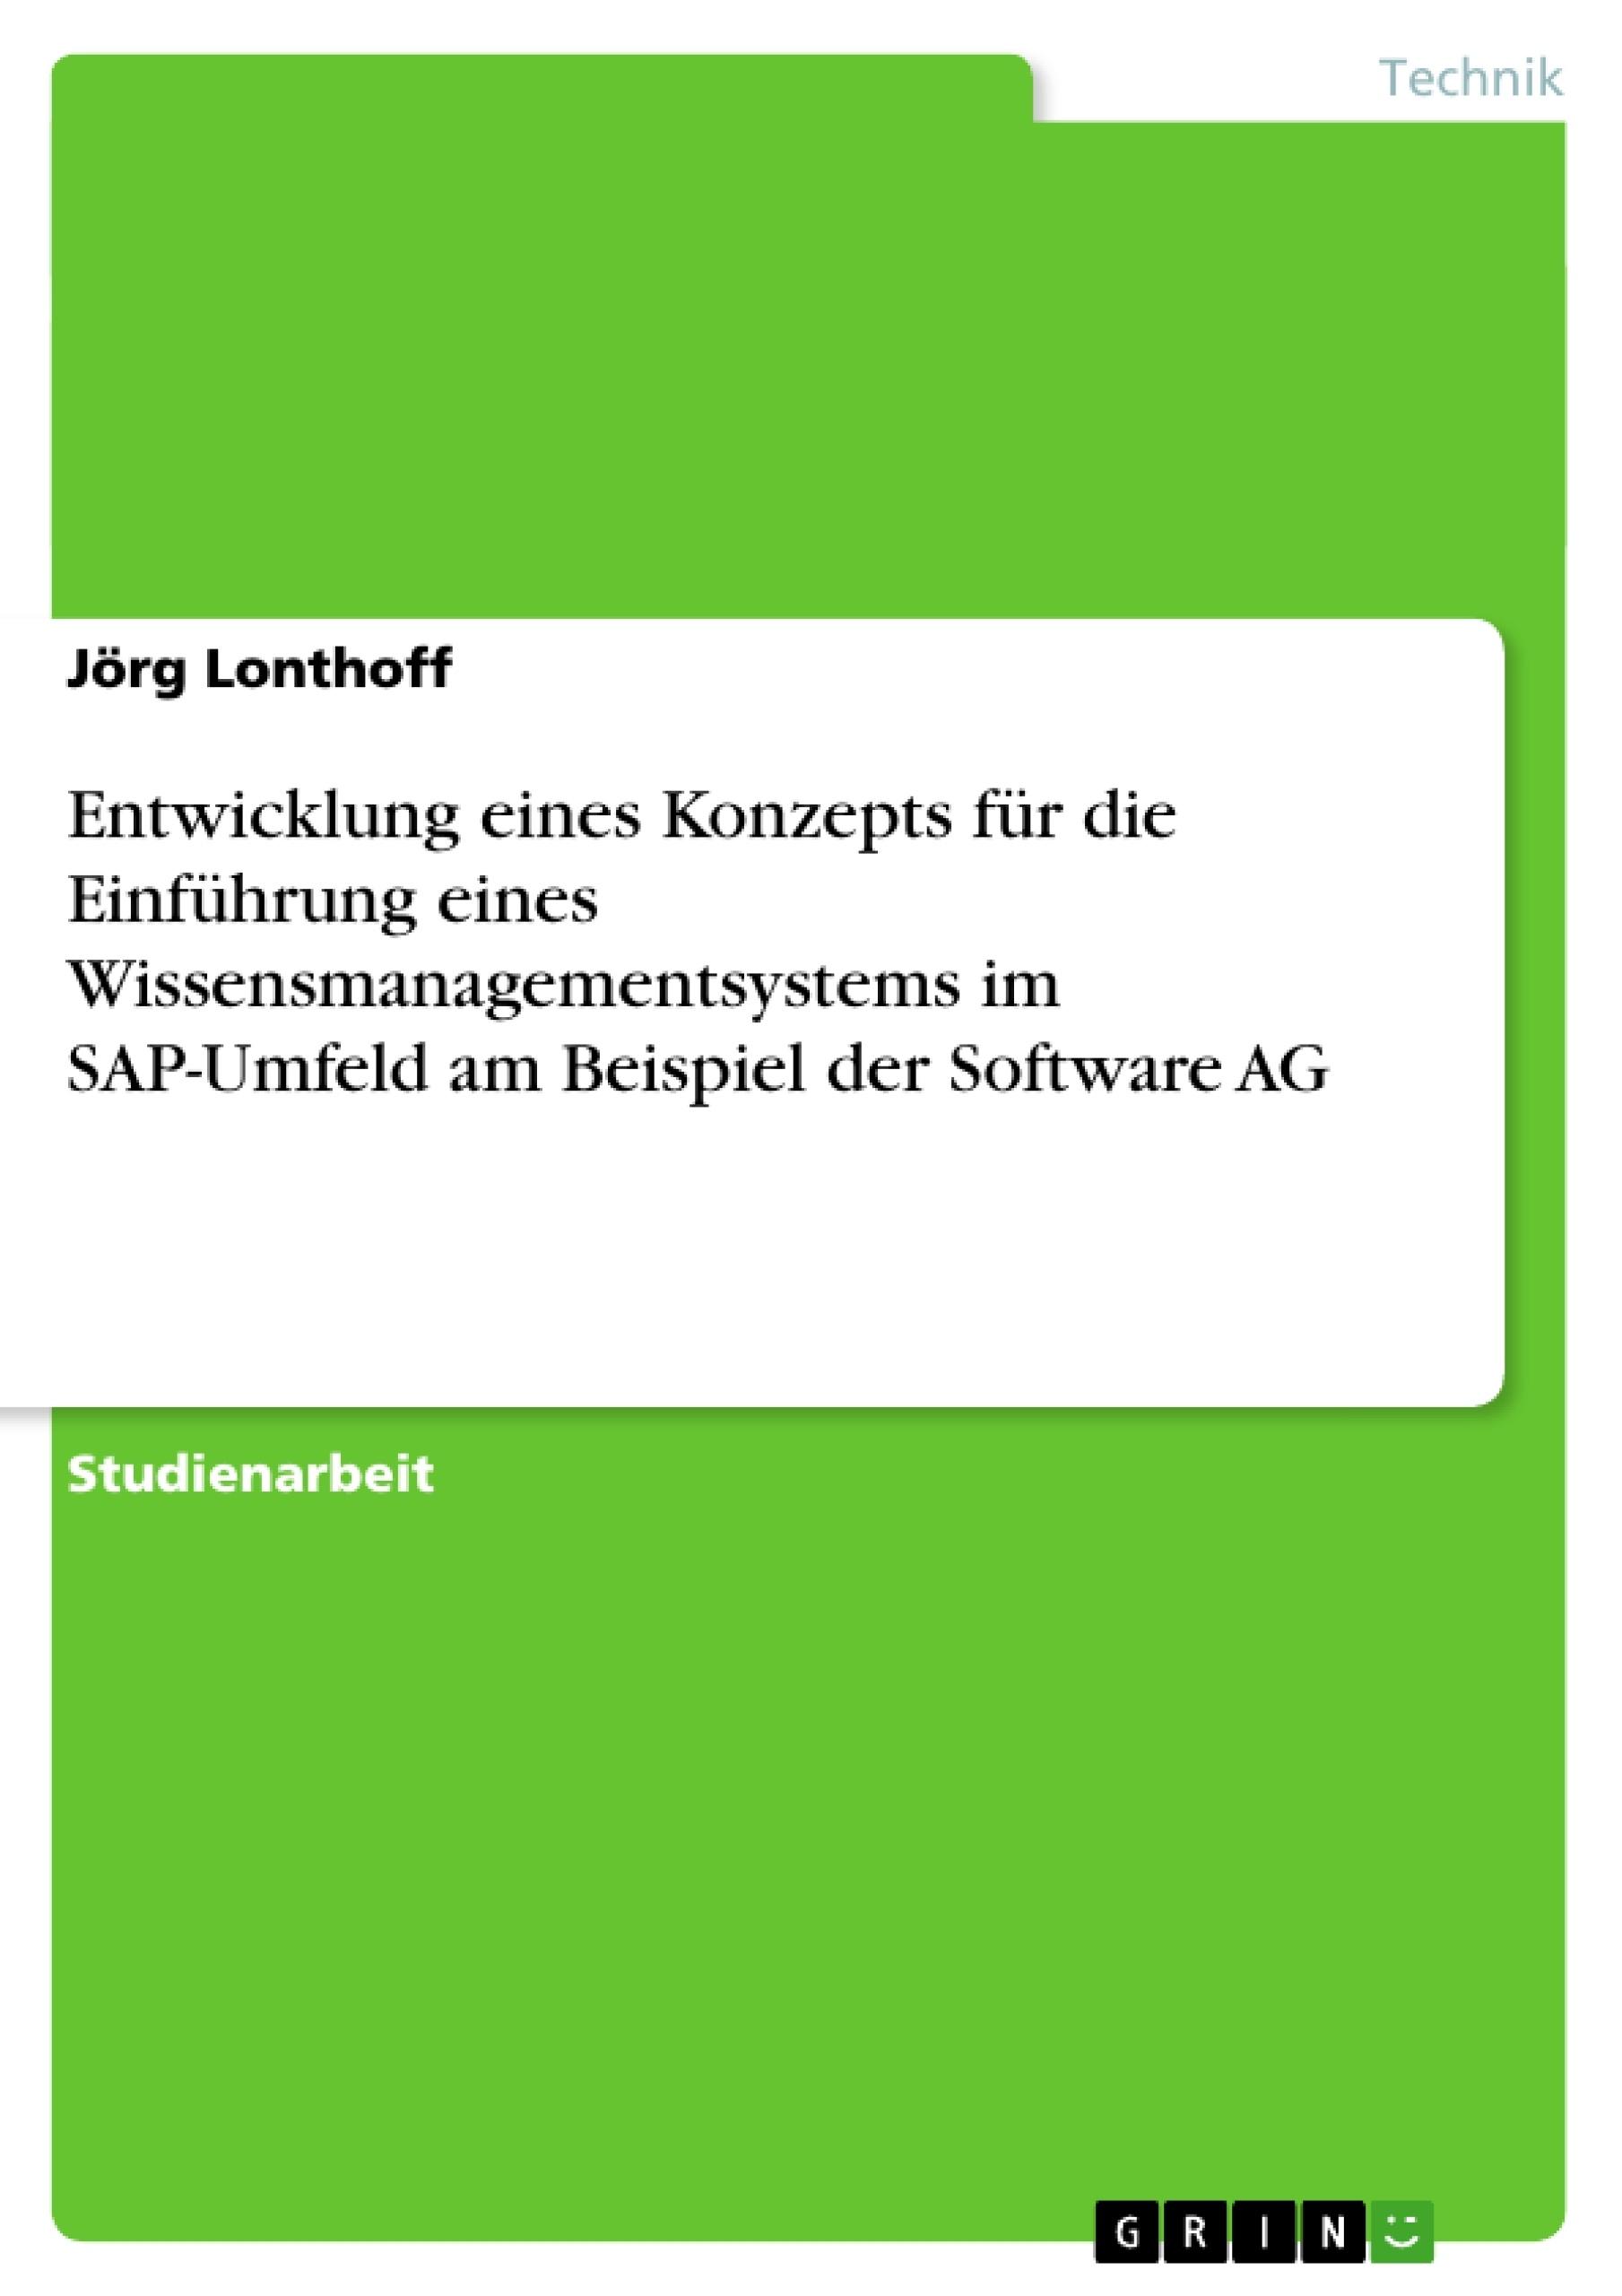 Titel: Entwicklung eines Konzepts für die Einführung eines Wissensmanagementsystems im SAP-Umfeld am Beispiel der Software AG